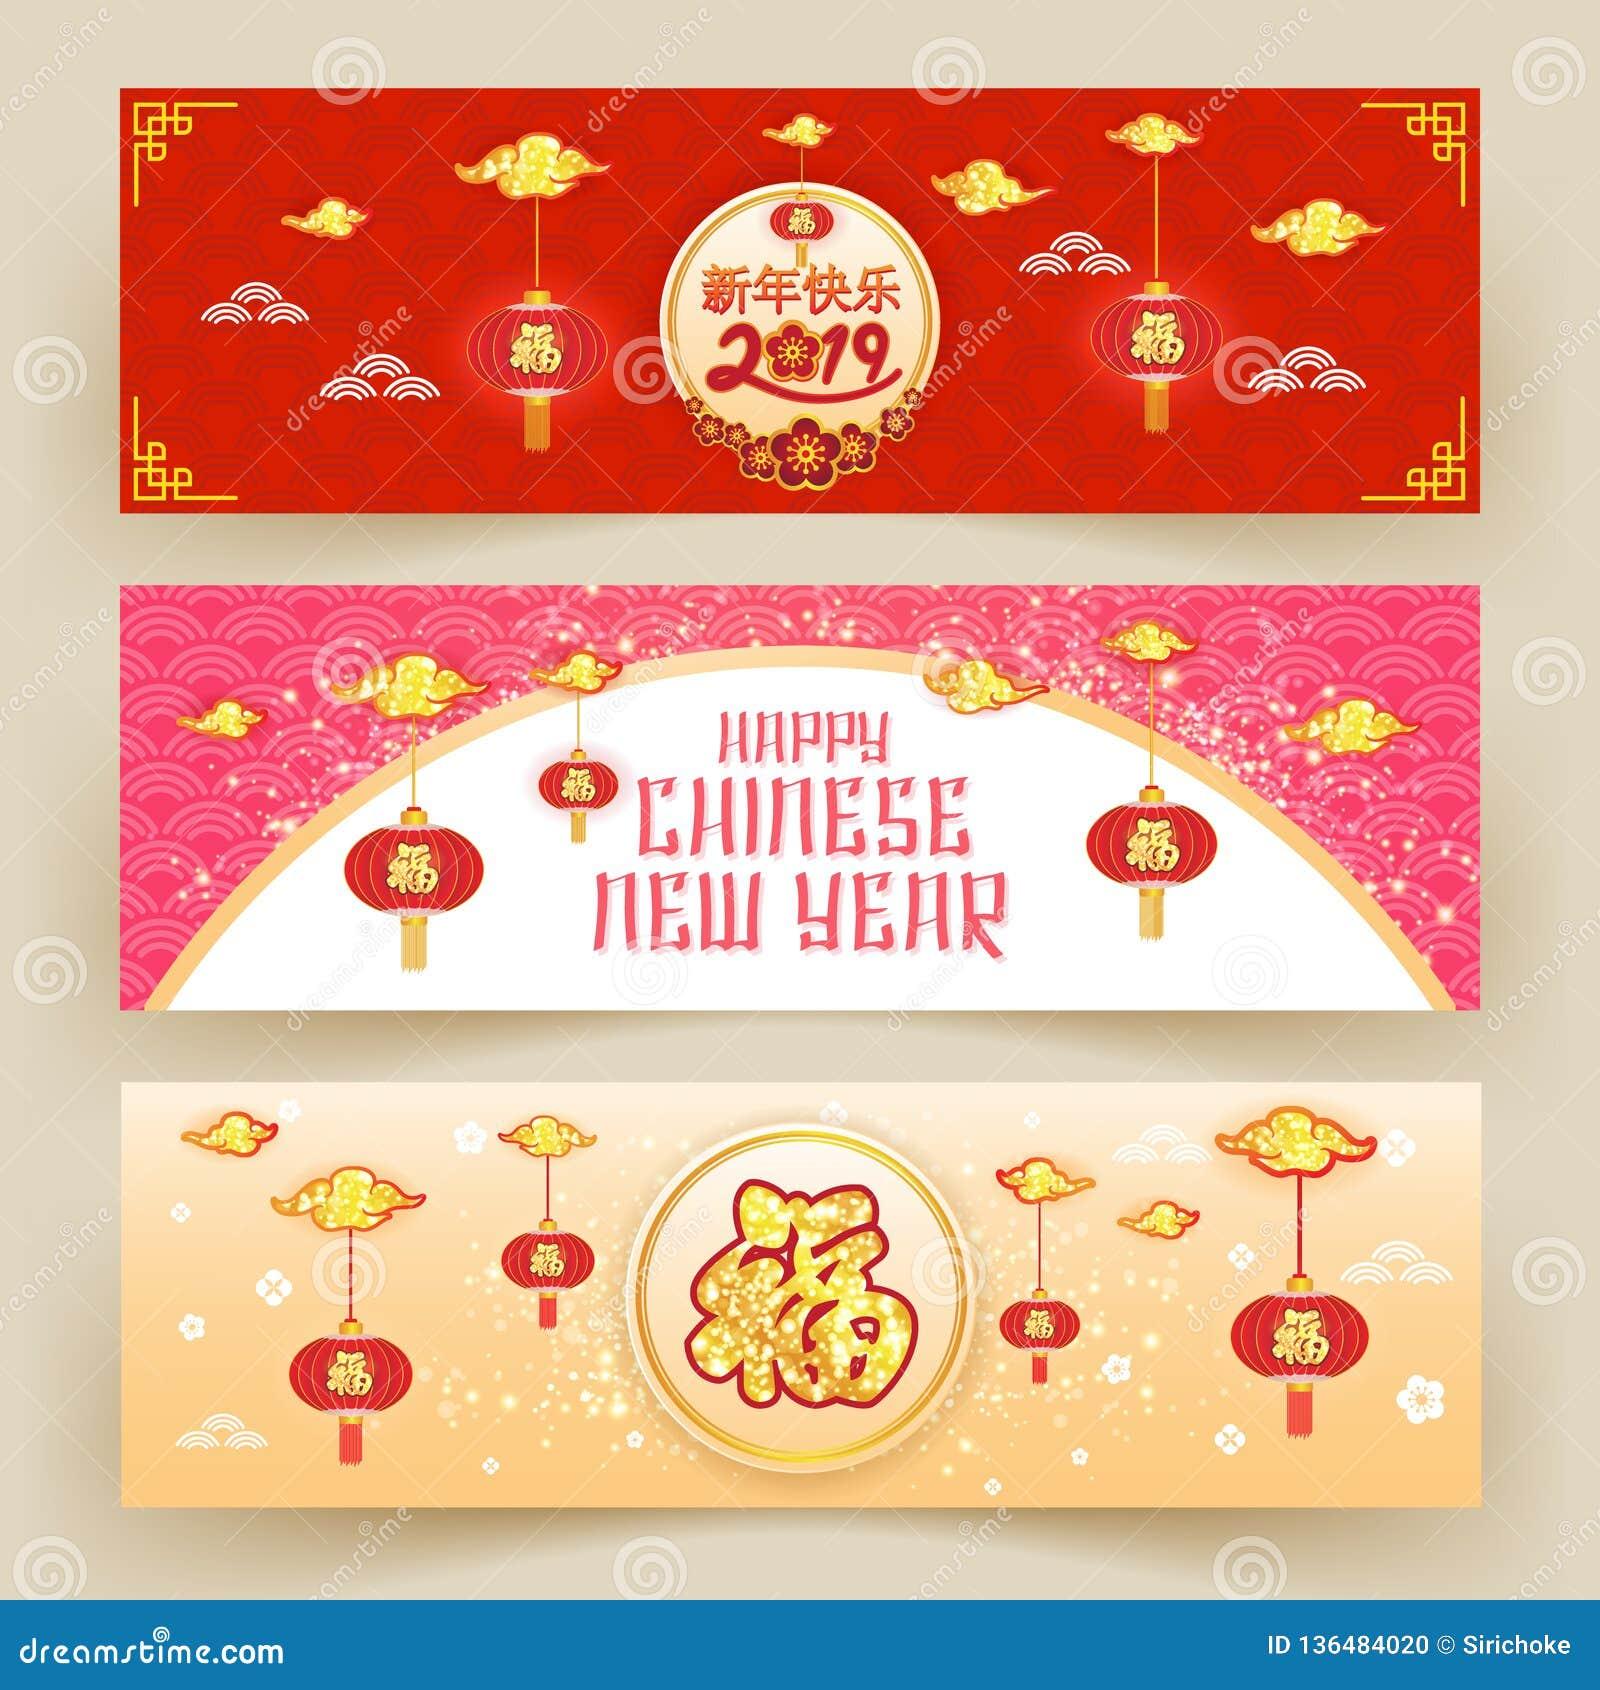 Κινεζικό νέο υπόβαθρο εμβλημάτων έτους Ο κινεζικός χαρακτήρας Fu σημαίνει, καλή τύχη, καλή τύχη